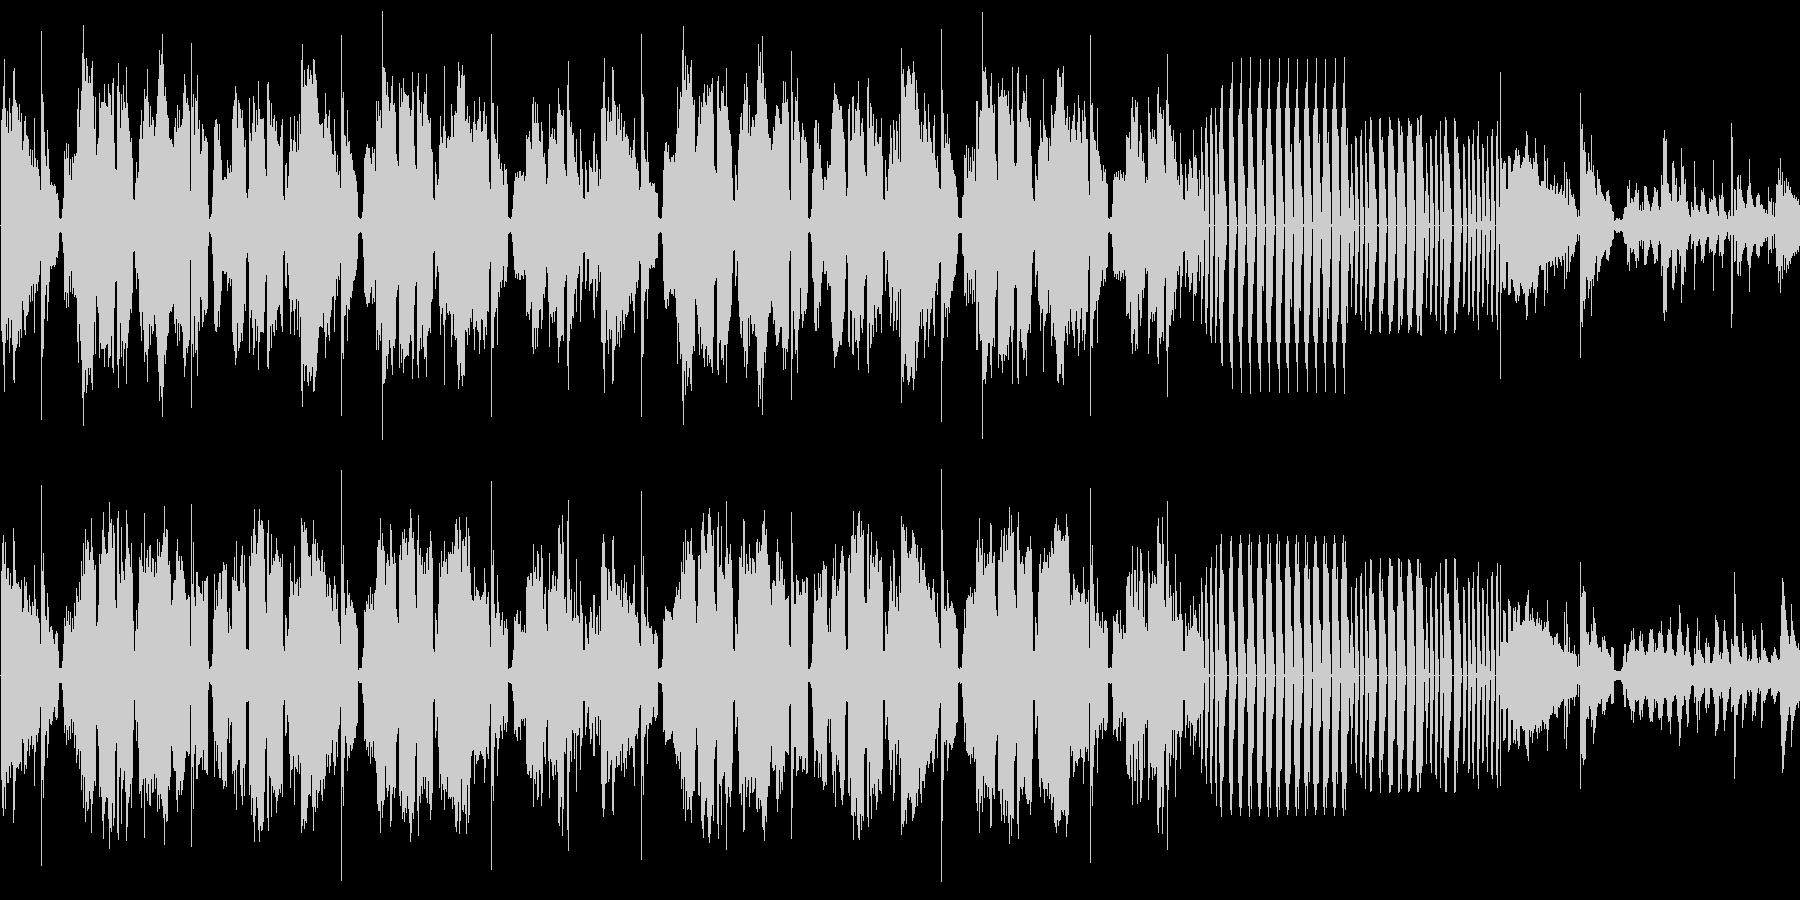 【ファンタジー/幻想的/エレクトロニカ】の未再生の波形